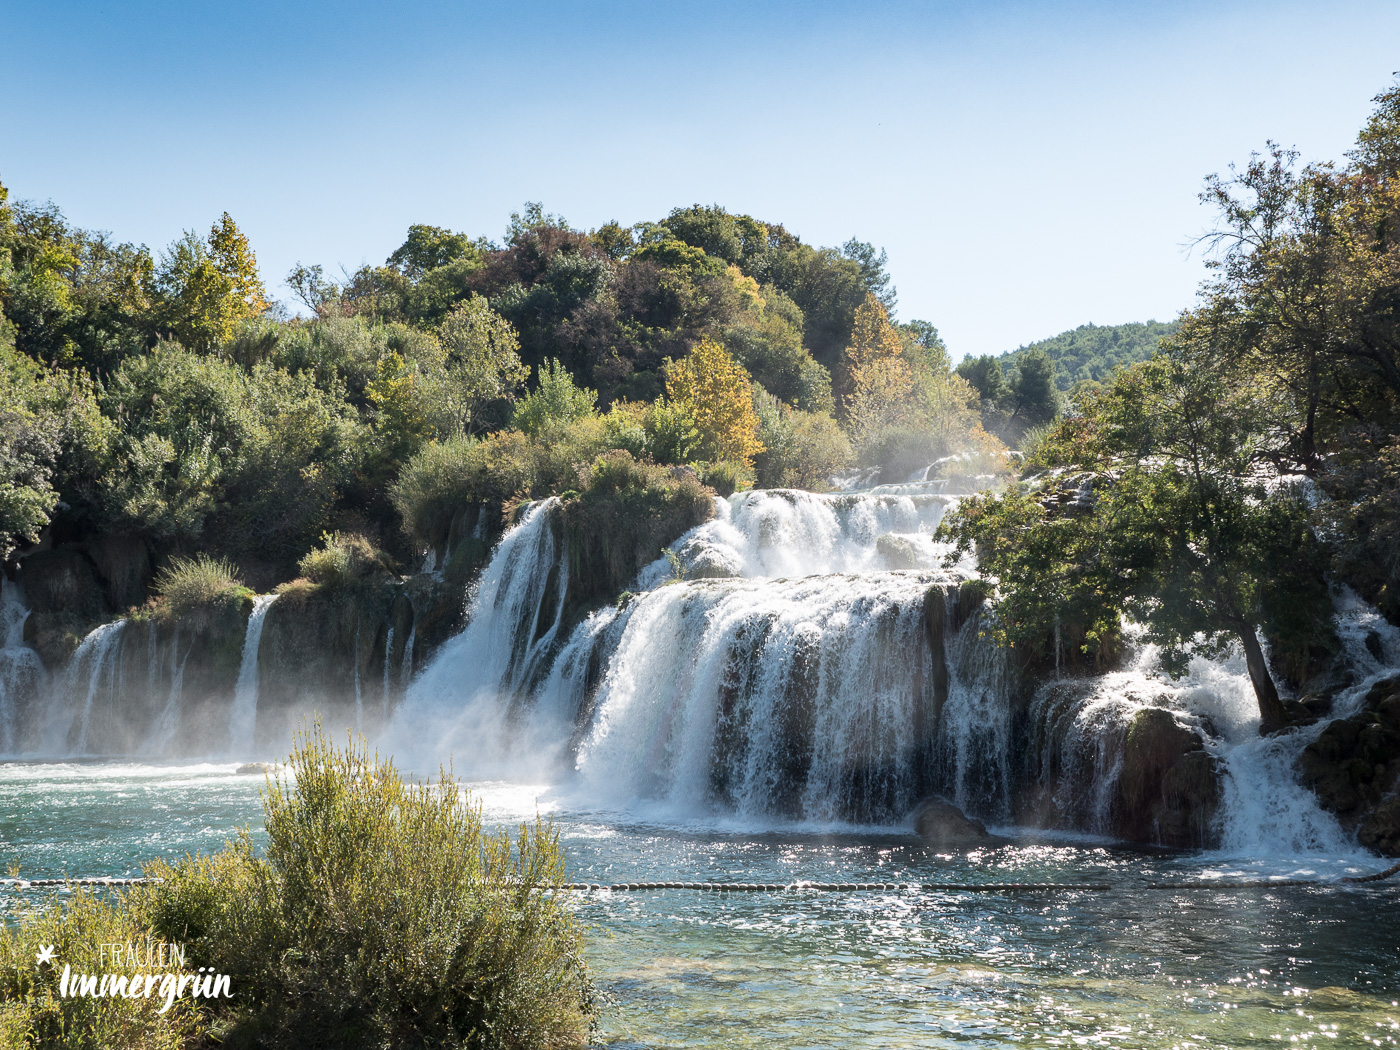 Dalmatien in Kroatien: Urlaub an der dalmatinischen Küste in der Nebensaison – Nationalpark Krka Skradinski buk